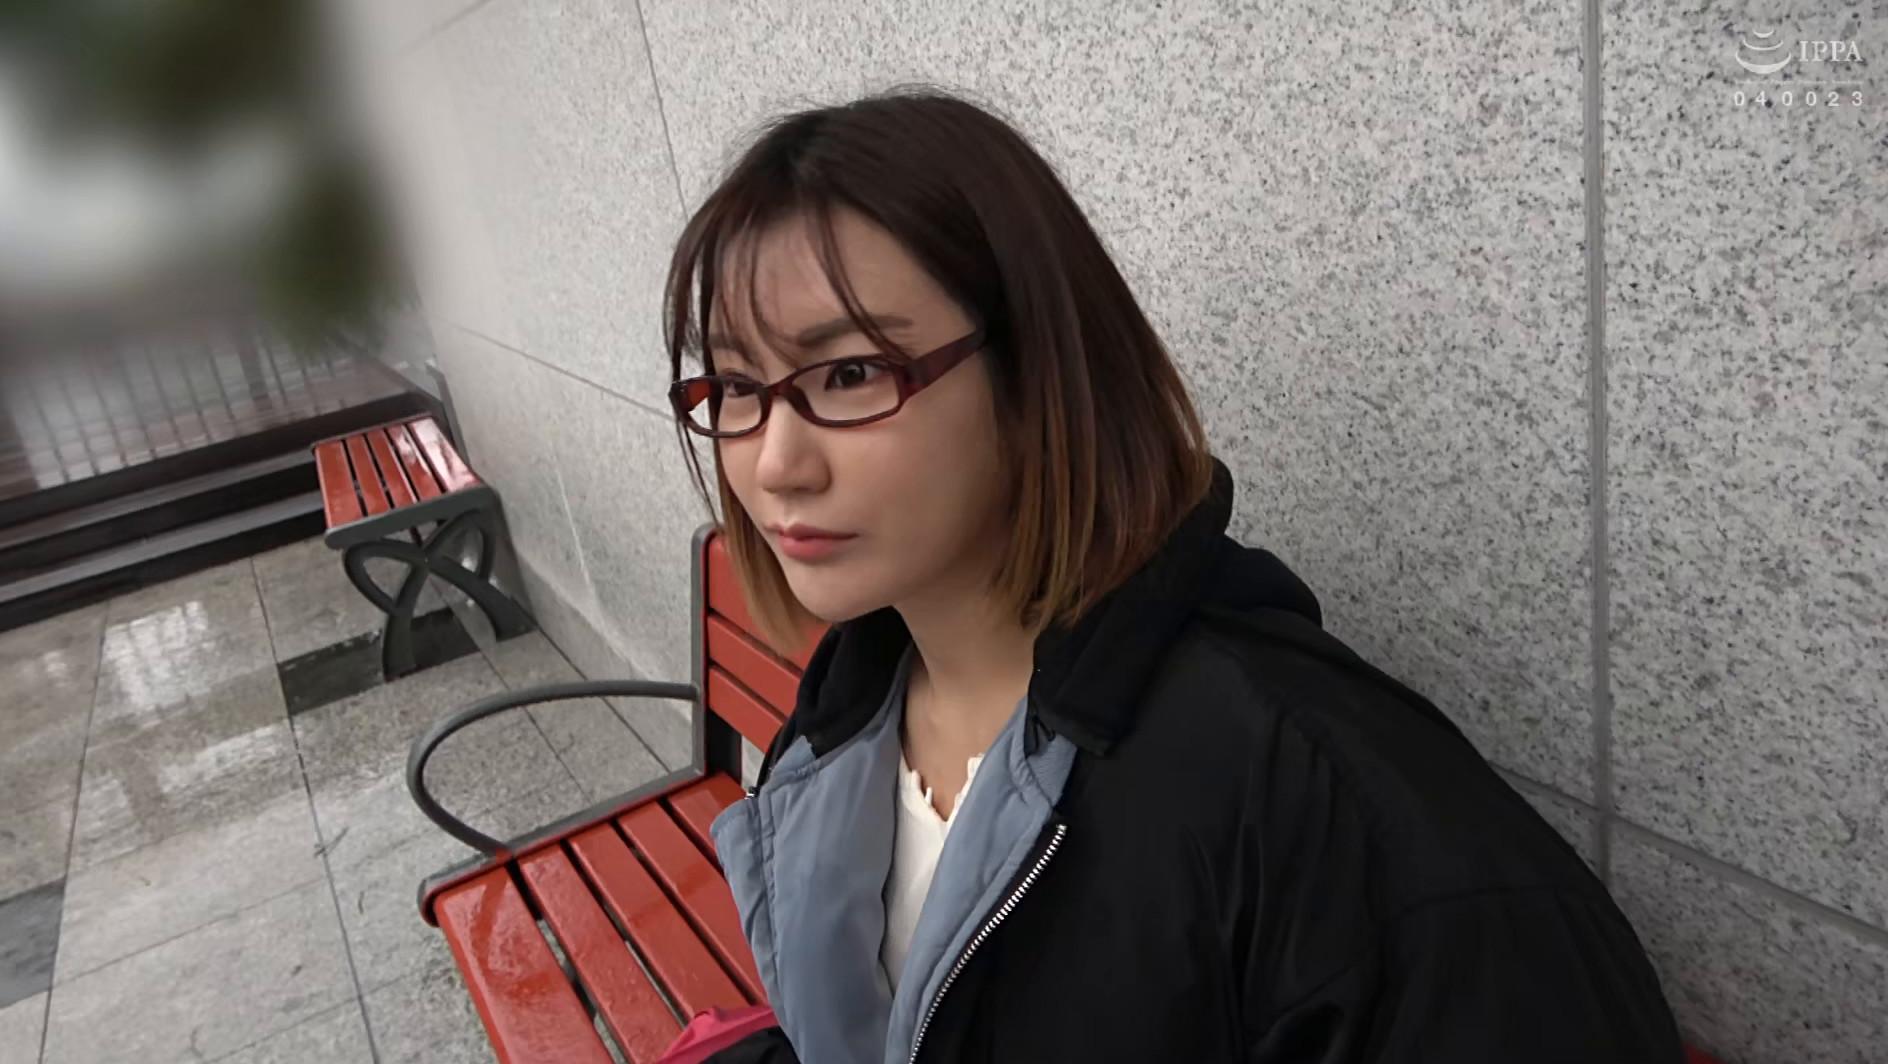 韓国で見つけた彼女。不思議系で地味な彼女は、執拗な責めと羞恥プレイでアクメ顔を晒しながらチ●ポをしゃぶる!アイドル級のビジュアルとスタイル抜群のカラダをハメ倒す! アラン&ヨルン 画像1